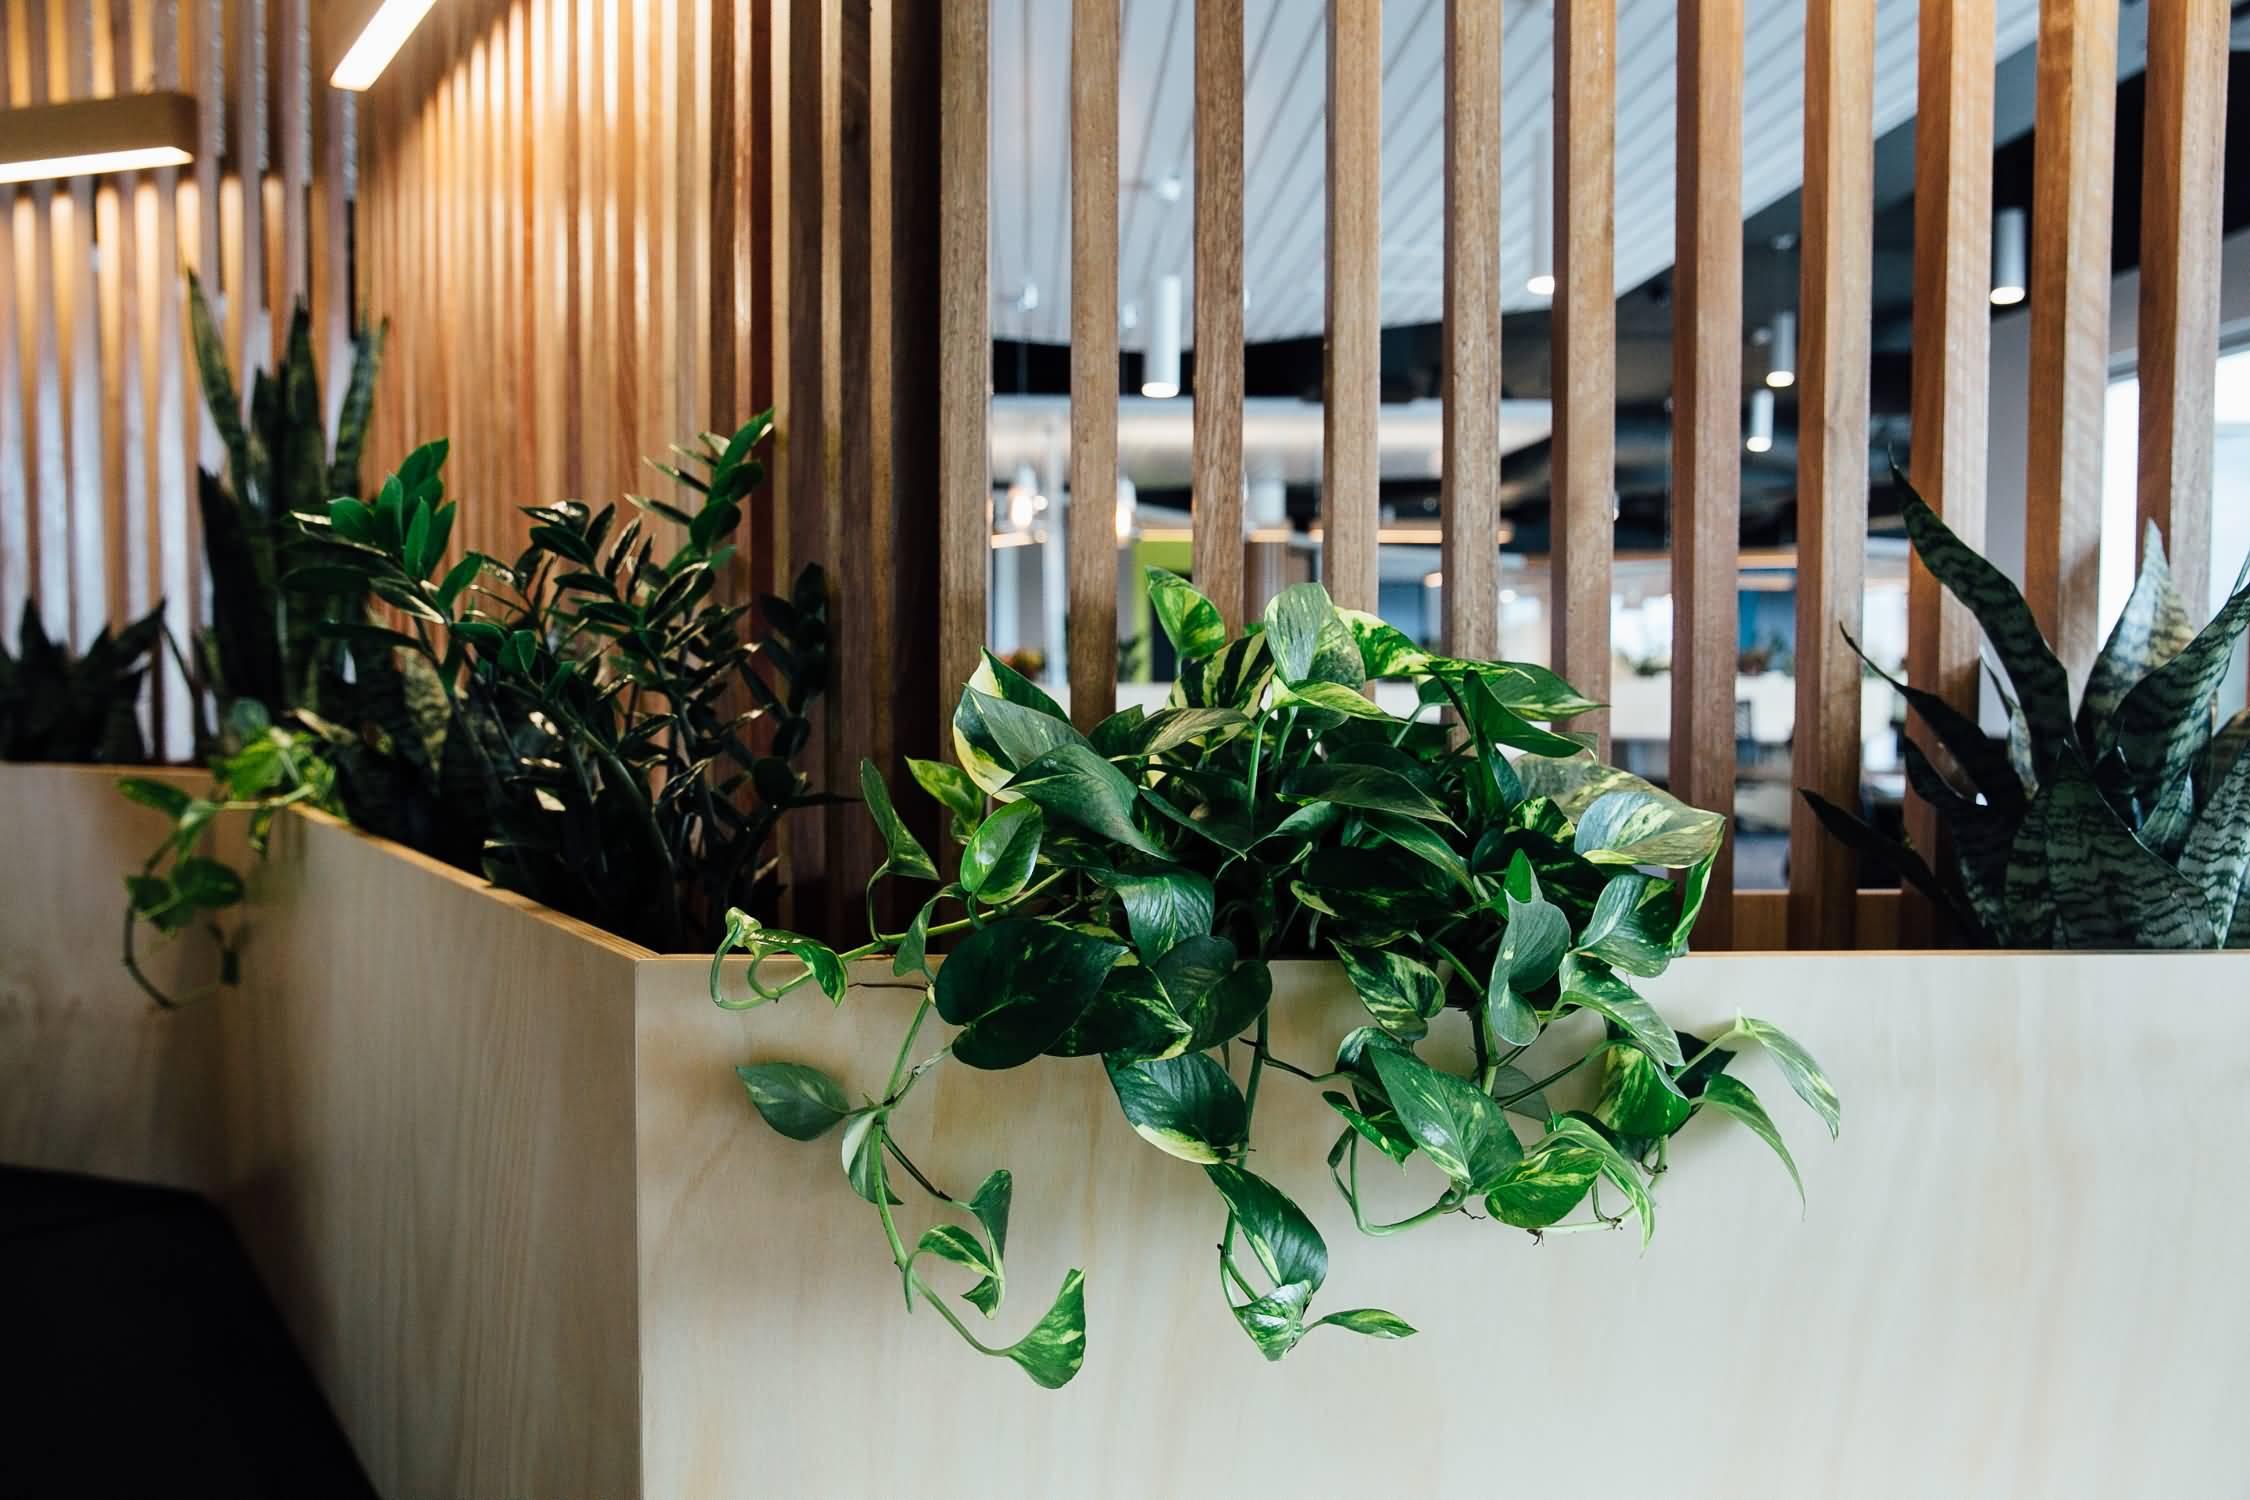 Guymer-bailey-architects-inbox-workspace-interiors-04.JPG